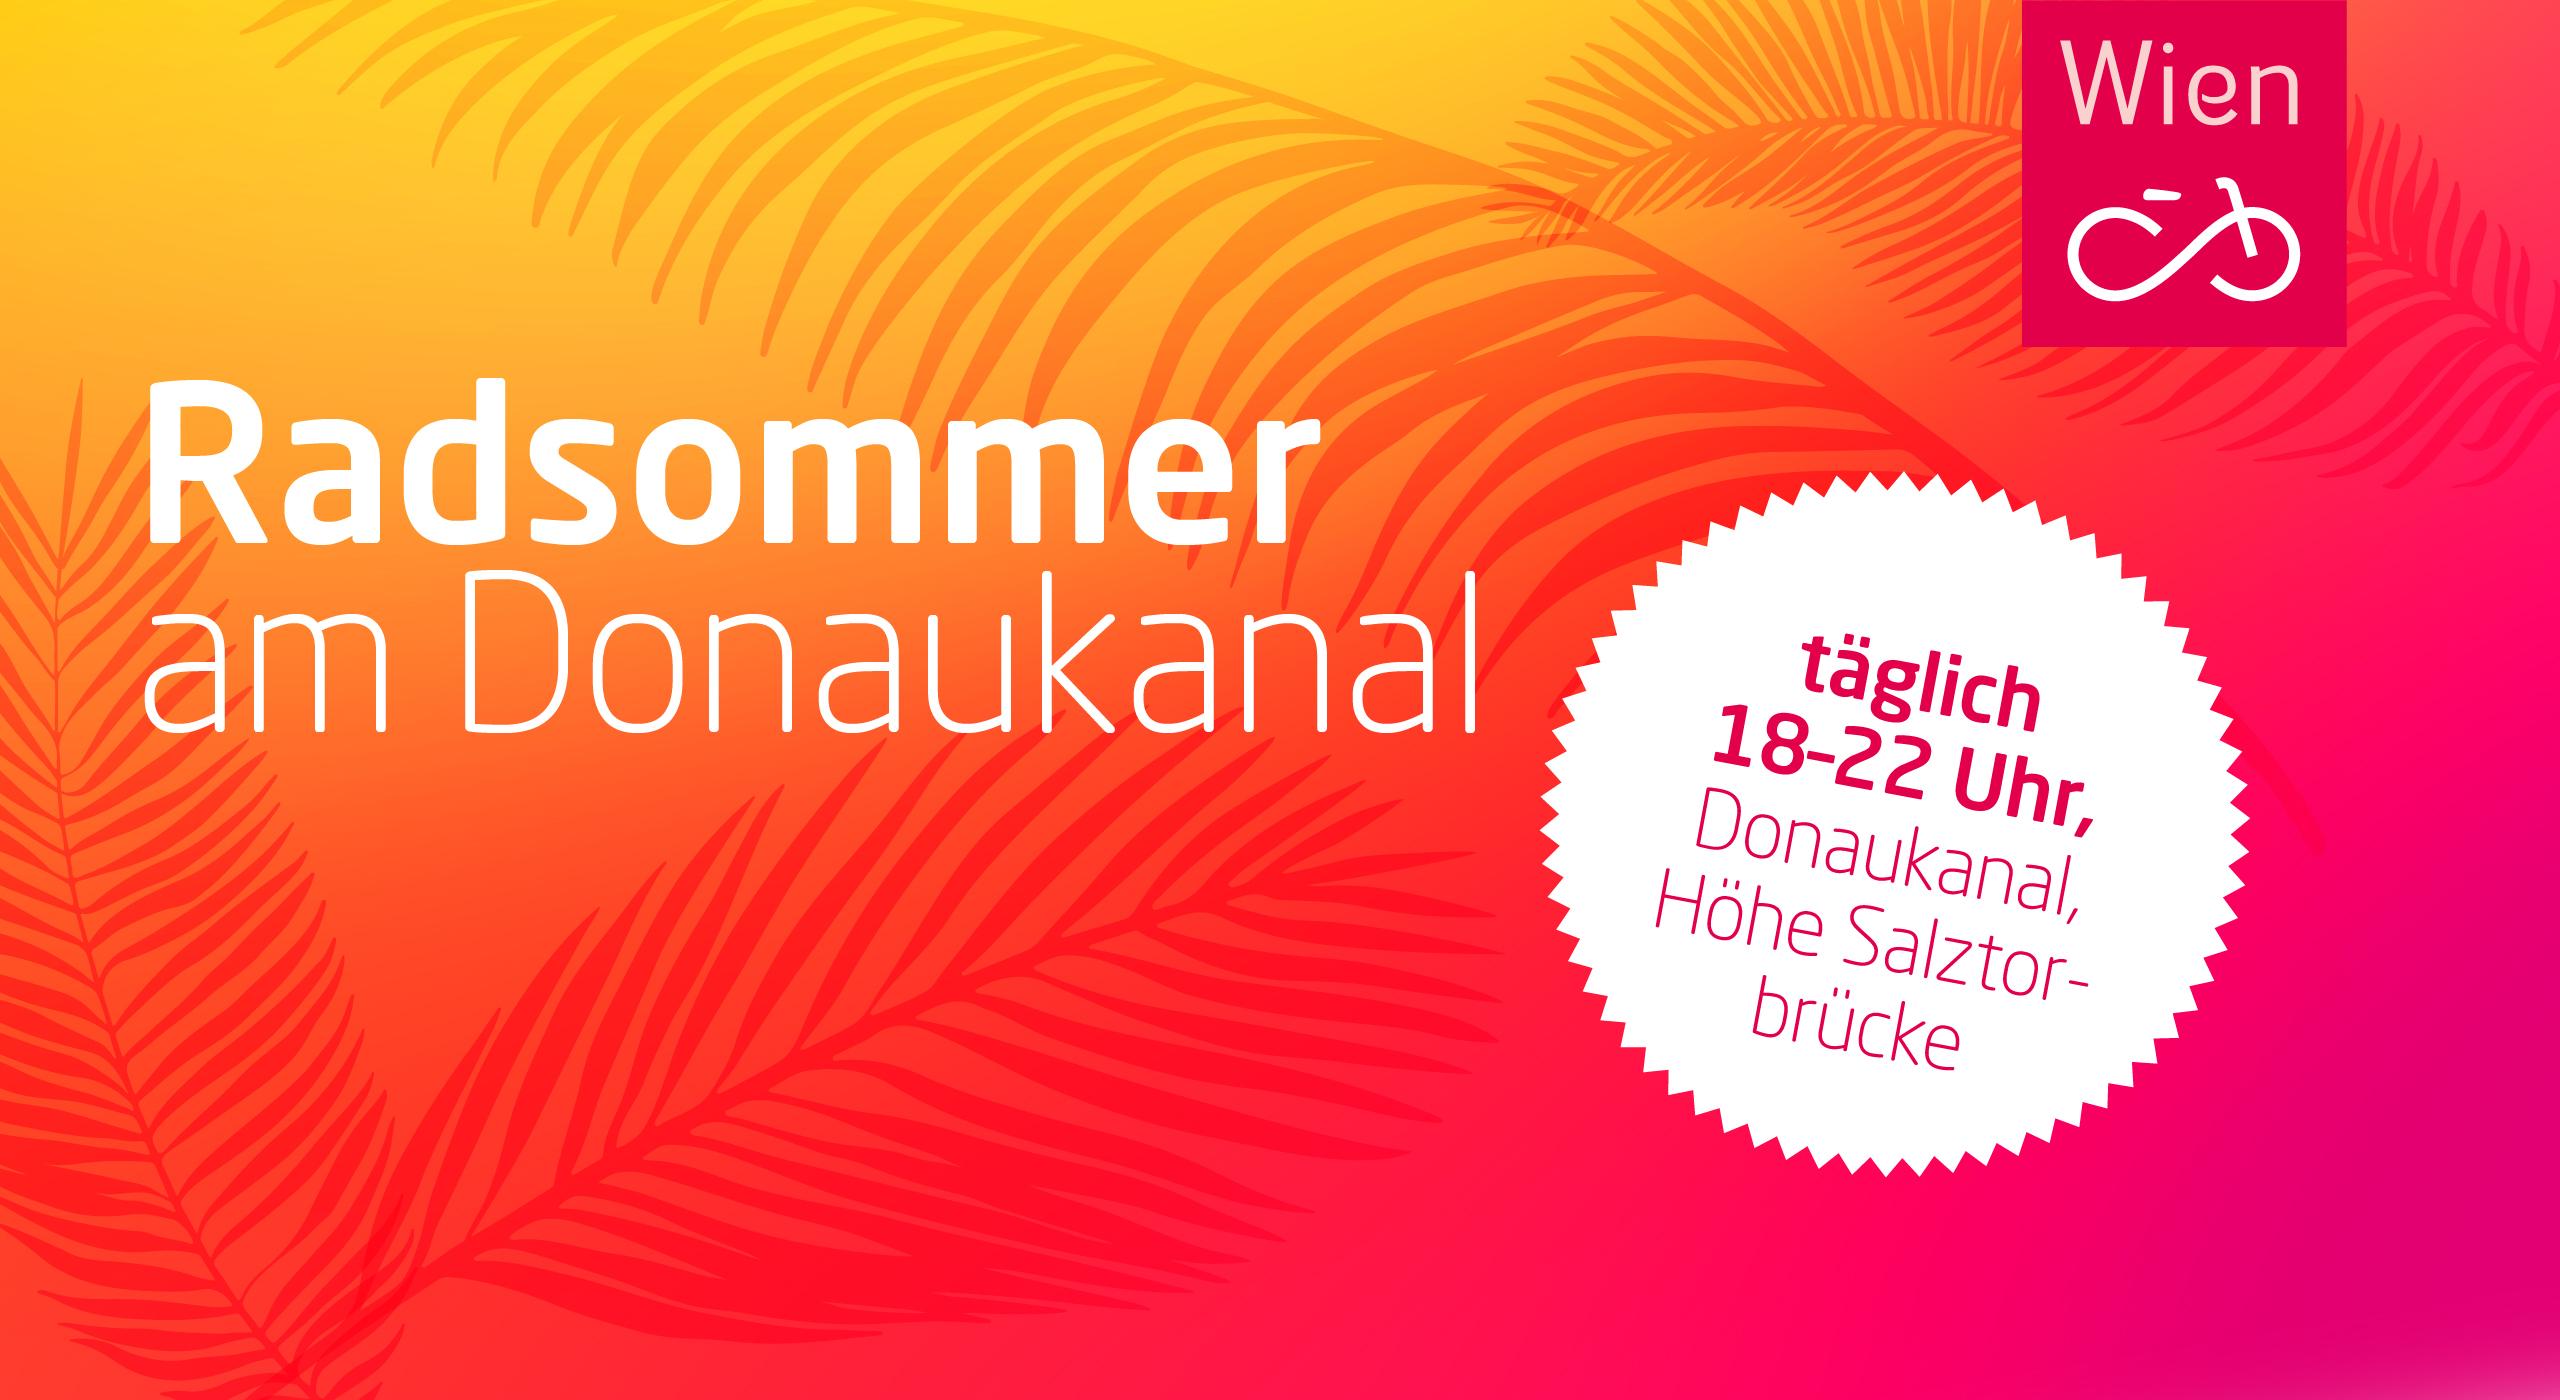 Gratis Radservice am Donaukanal Montags + Mittwochs 18-22 Uhr